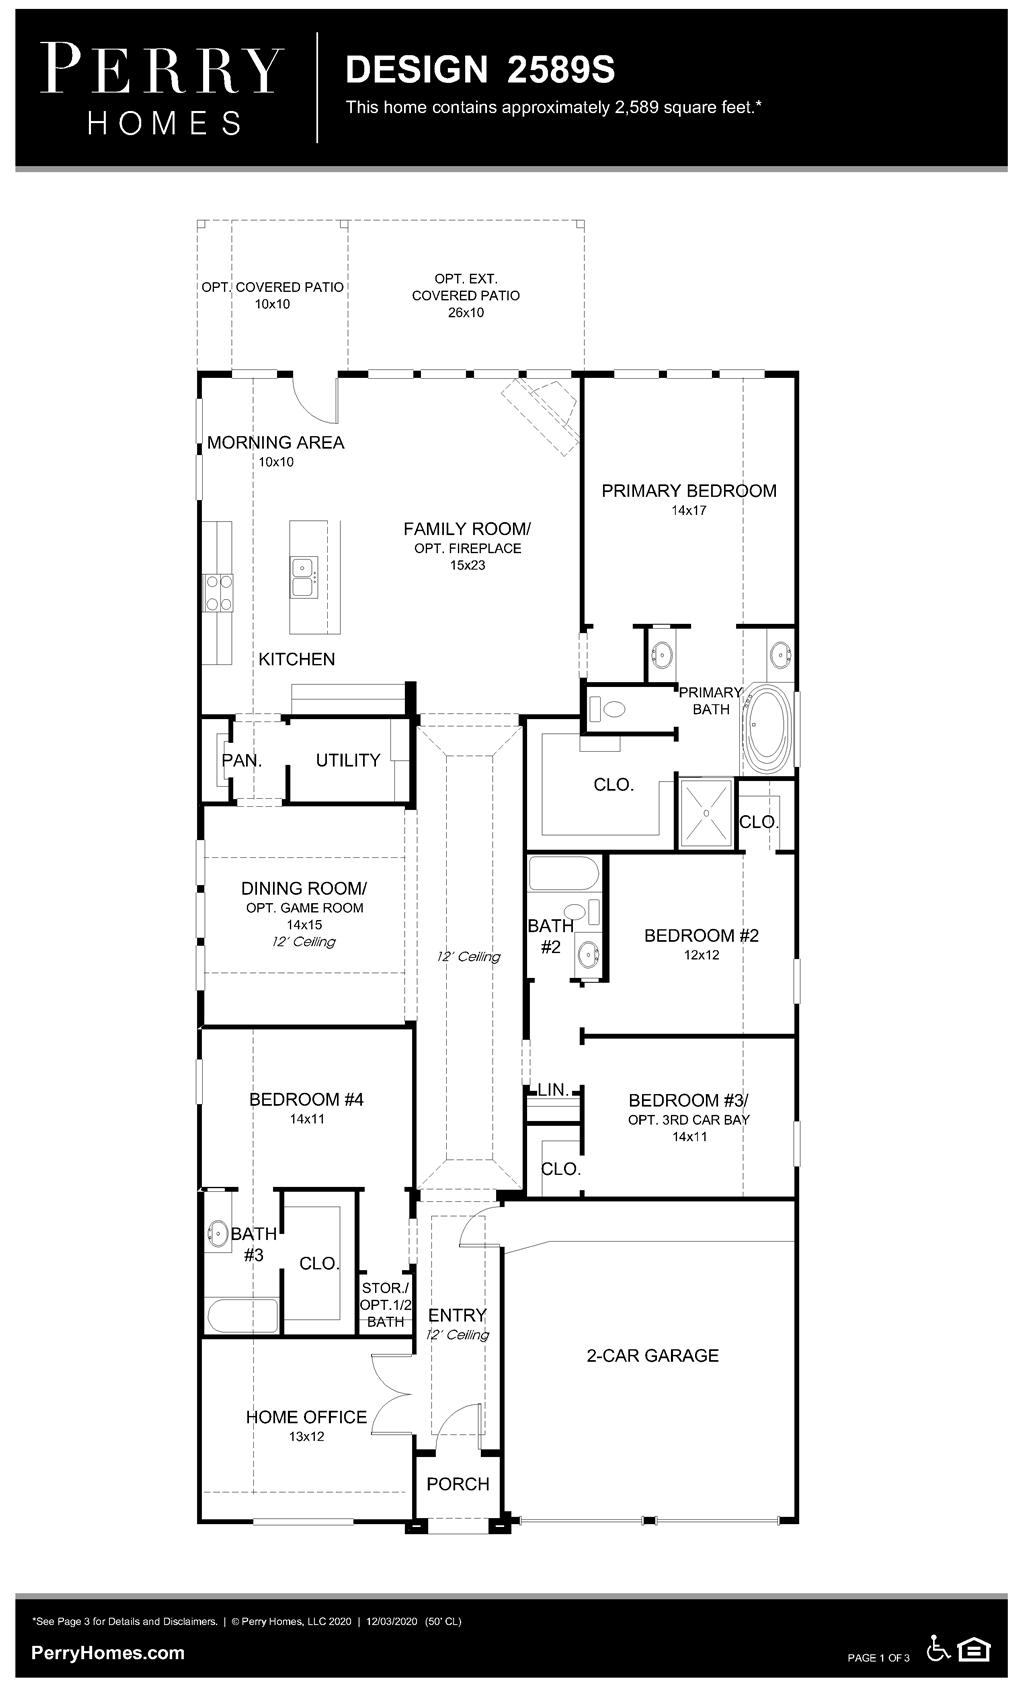 Floor Plan for 2589S